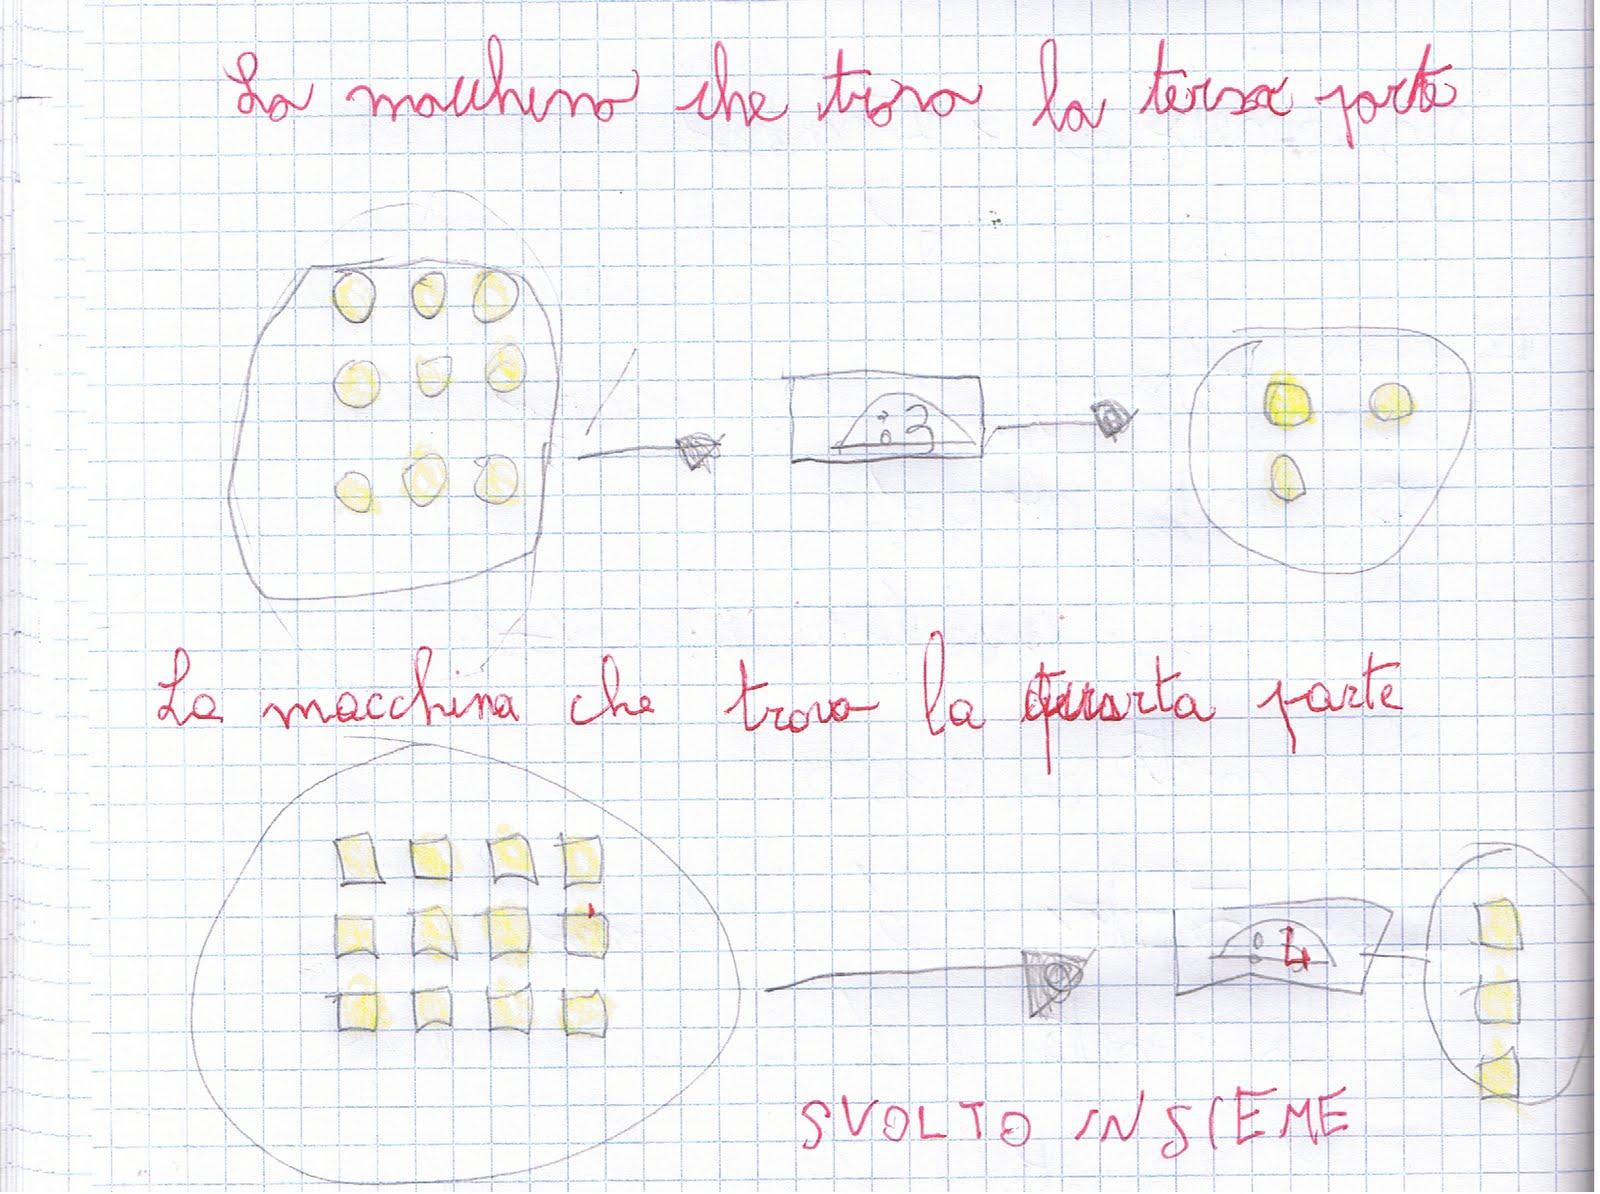 Eccezionale didattica matematica scuola primaria: Metà, terza e quarta parte  CL39